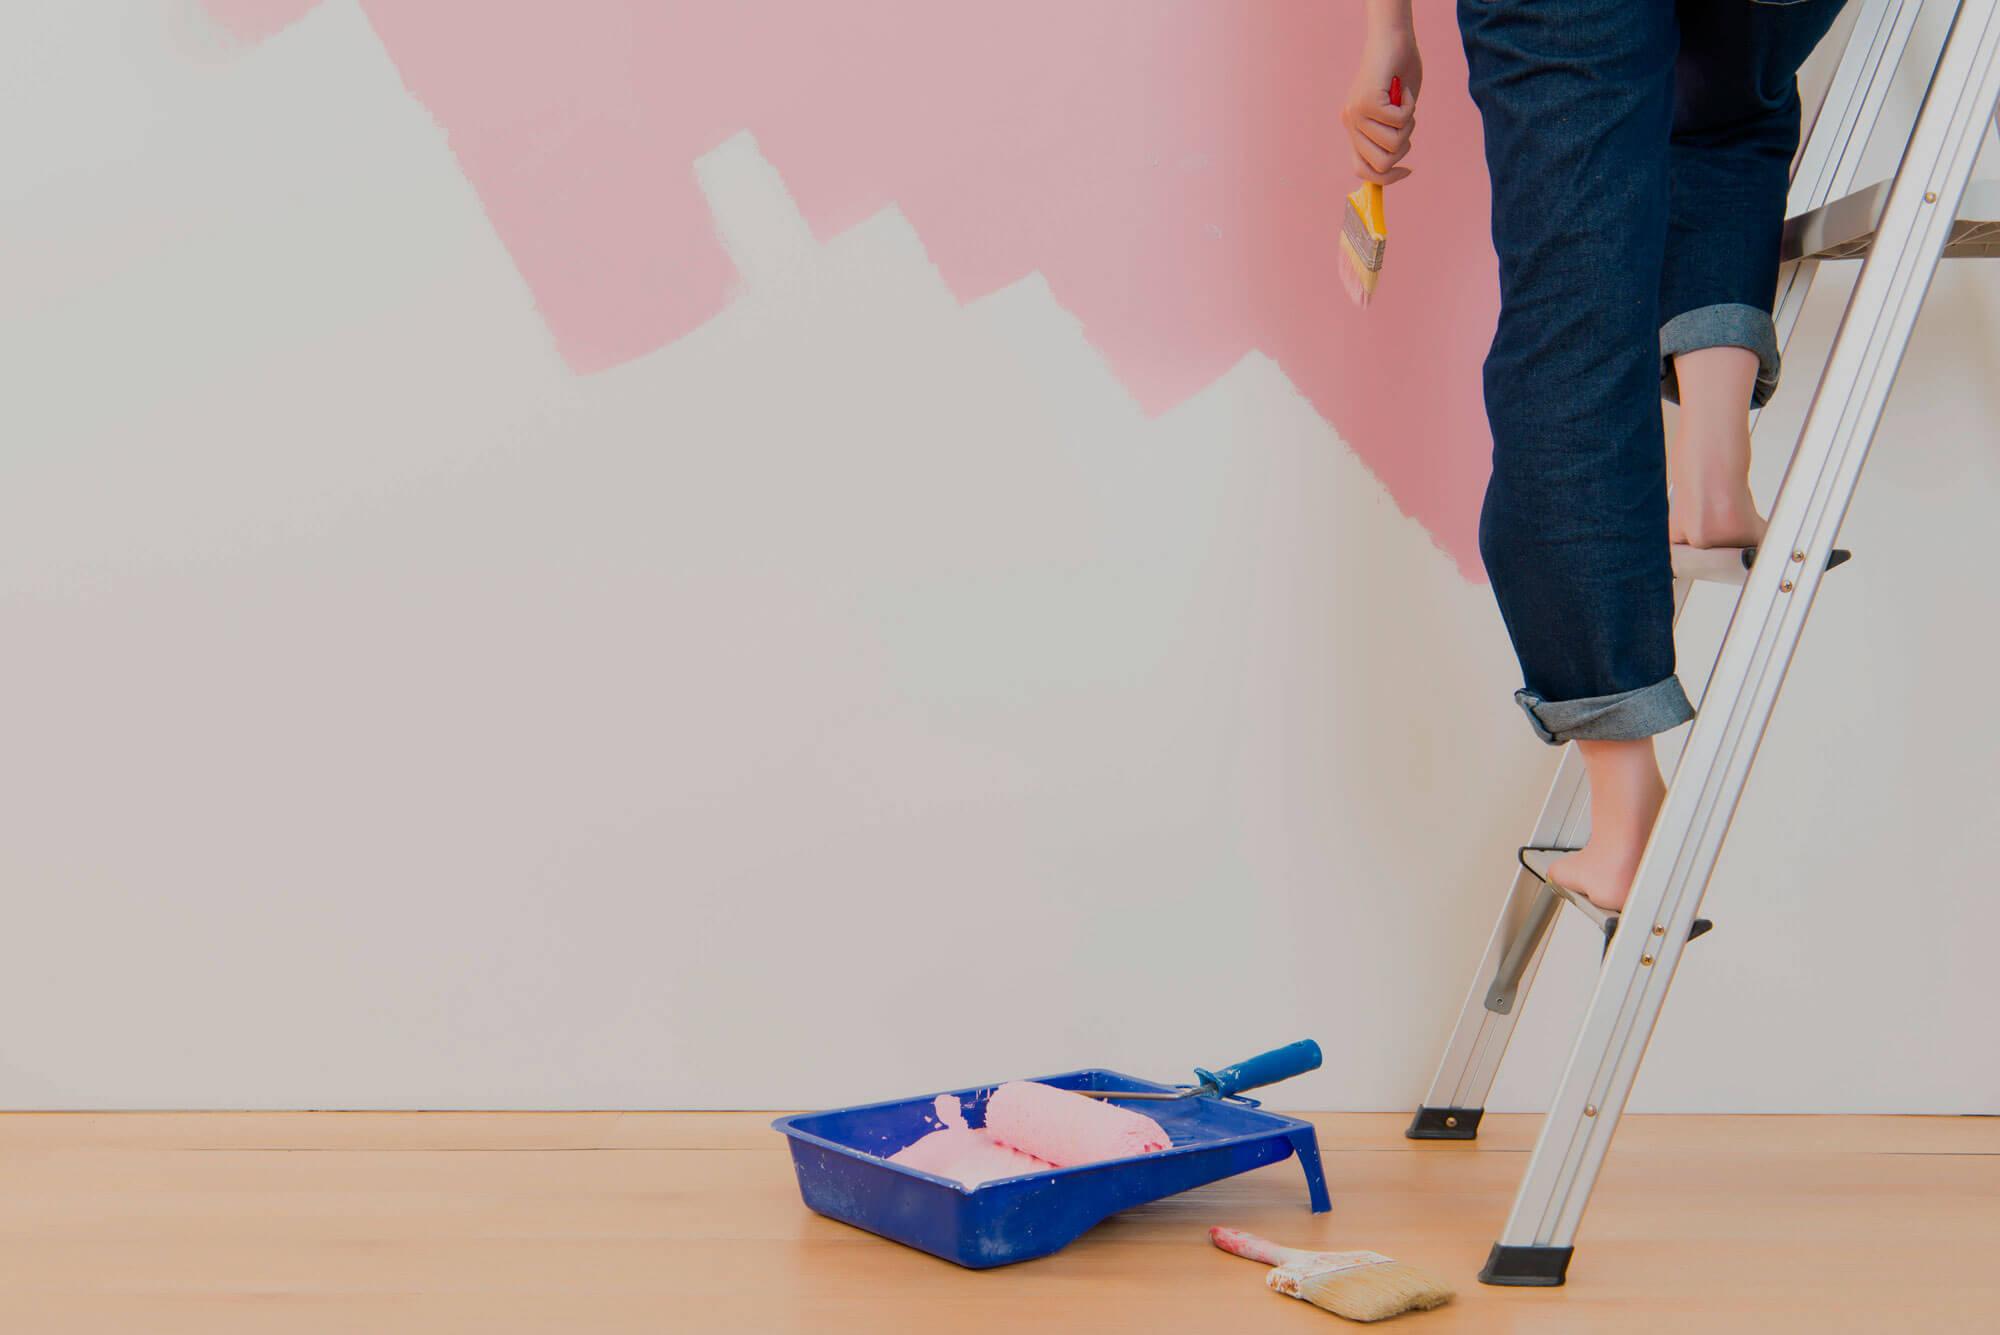 Vamos Aprender em 6 Passos Como Pintar Parede?